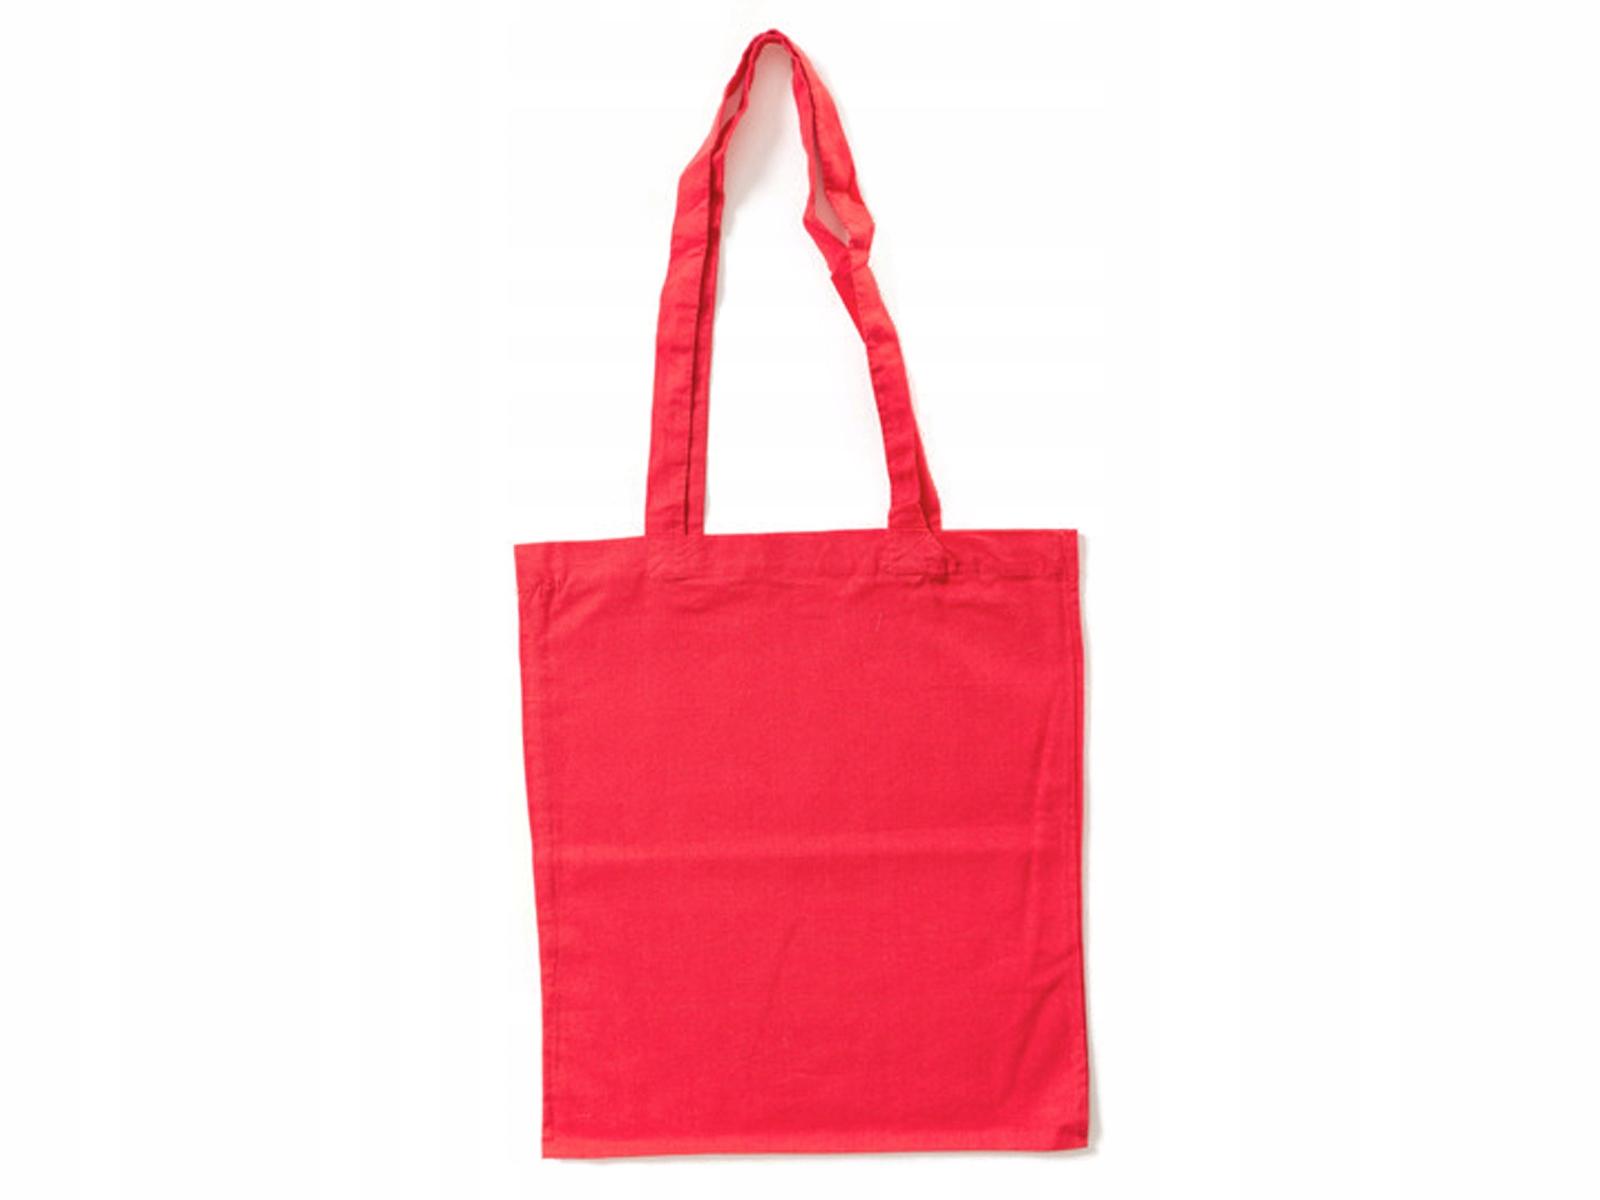 1067f08edc79f T01-5 DUŻA POJEMNA torba bawełniana ECO czerwona - 6944538360 ...